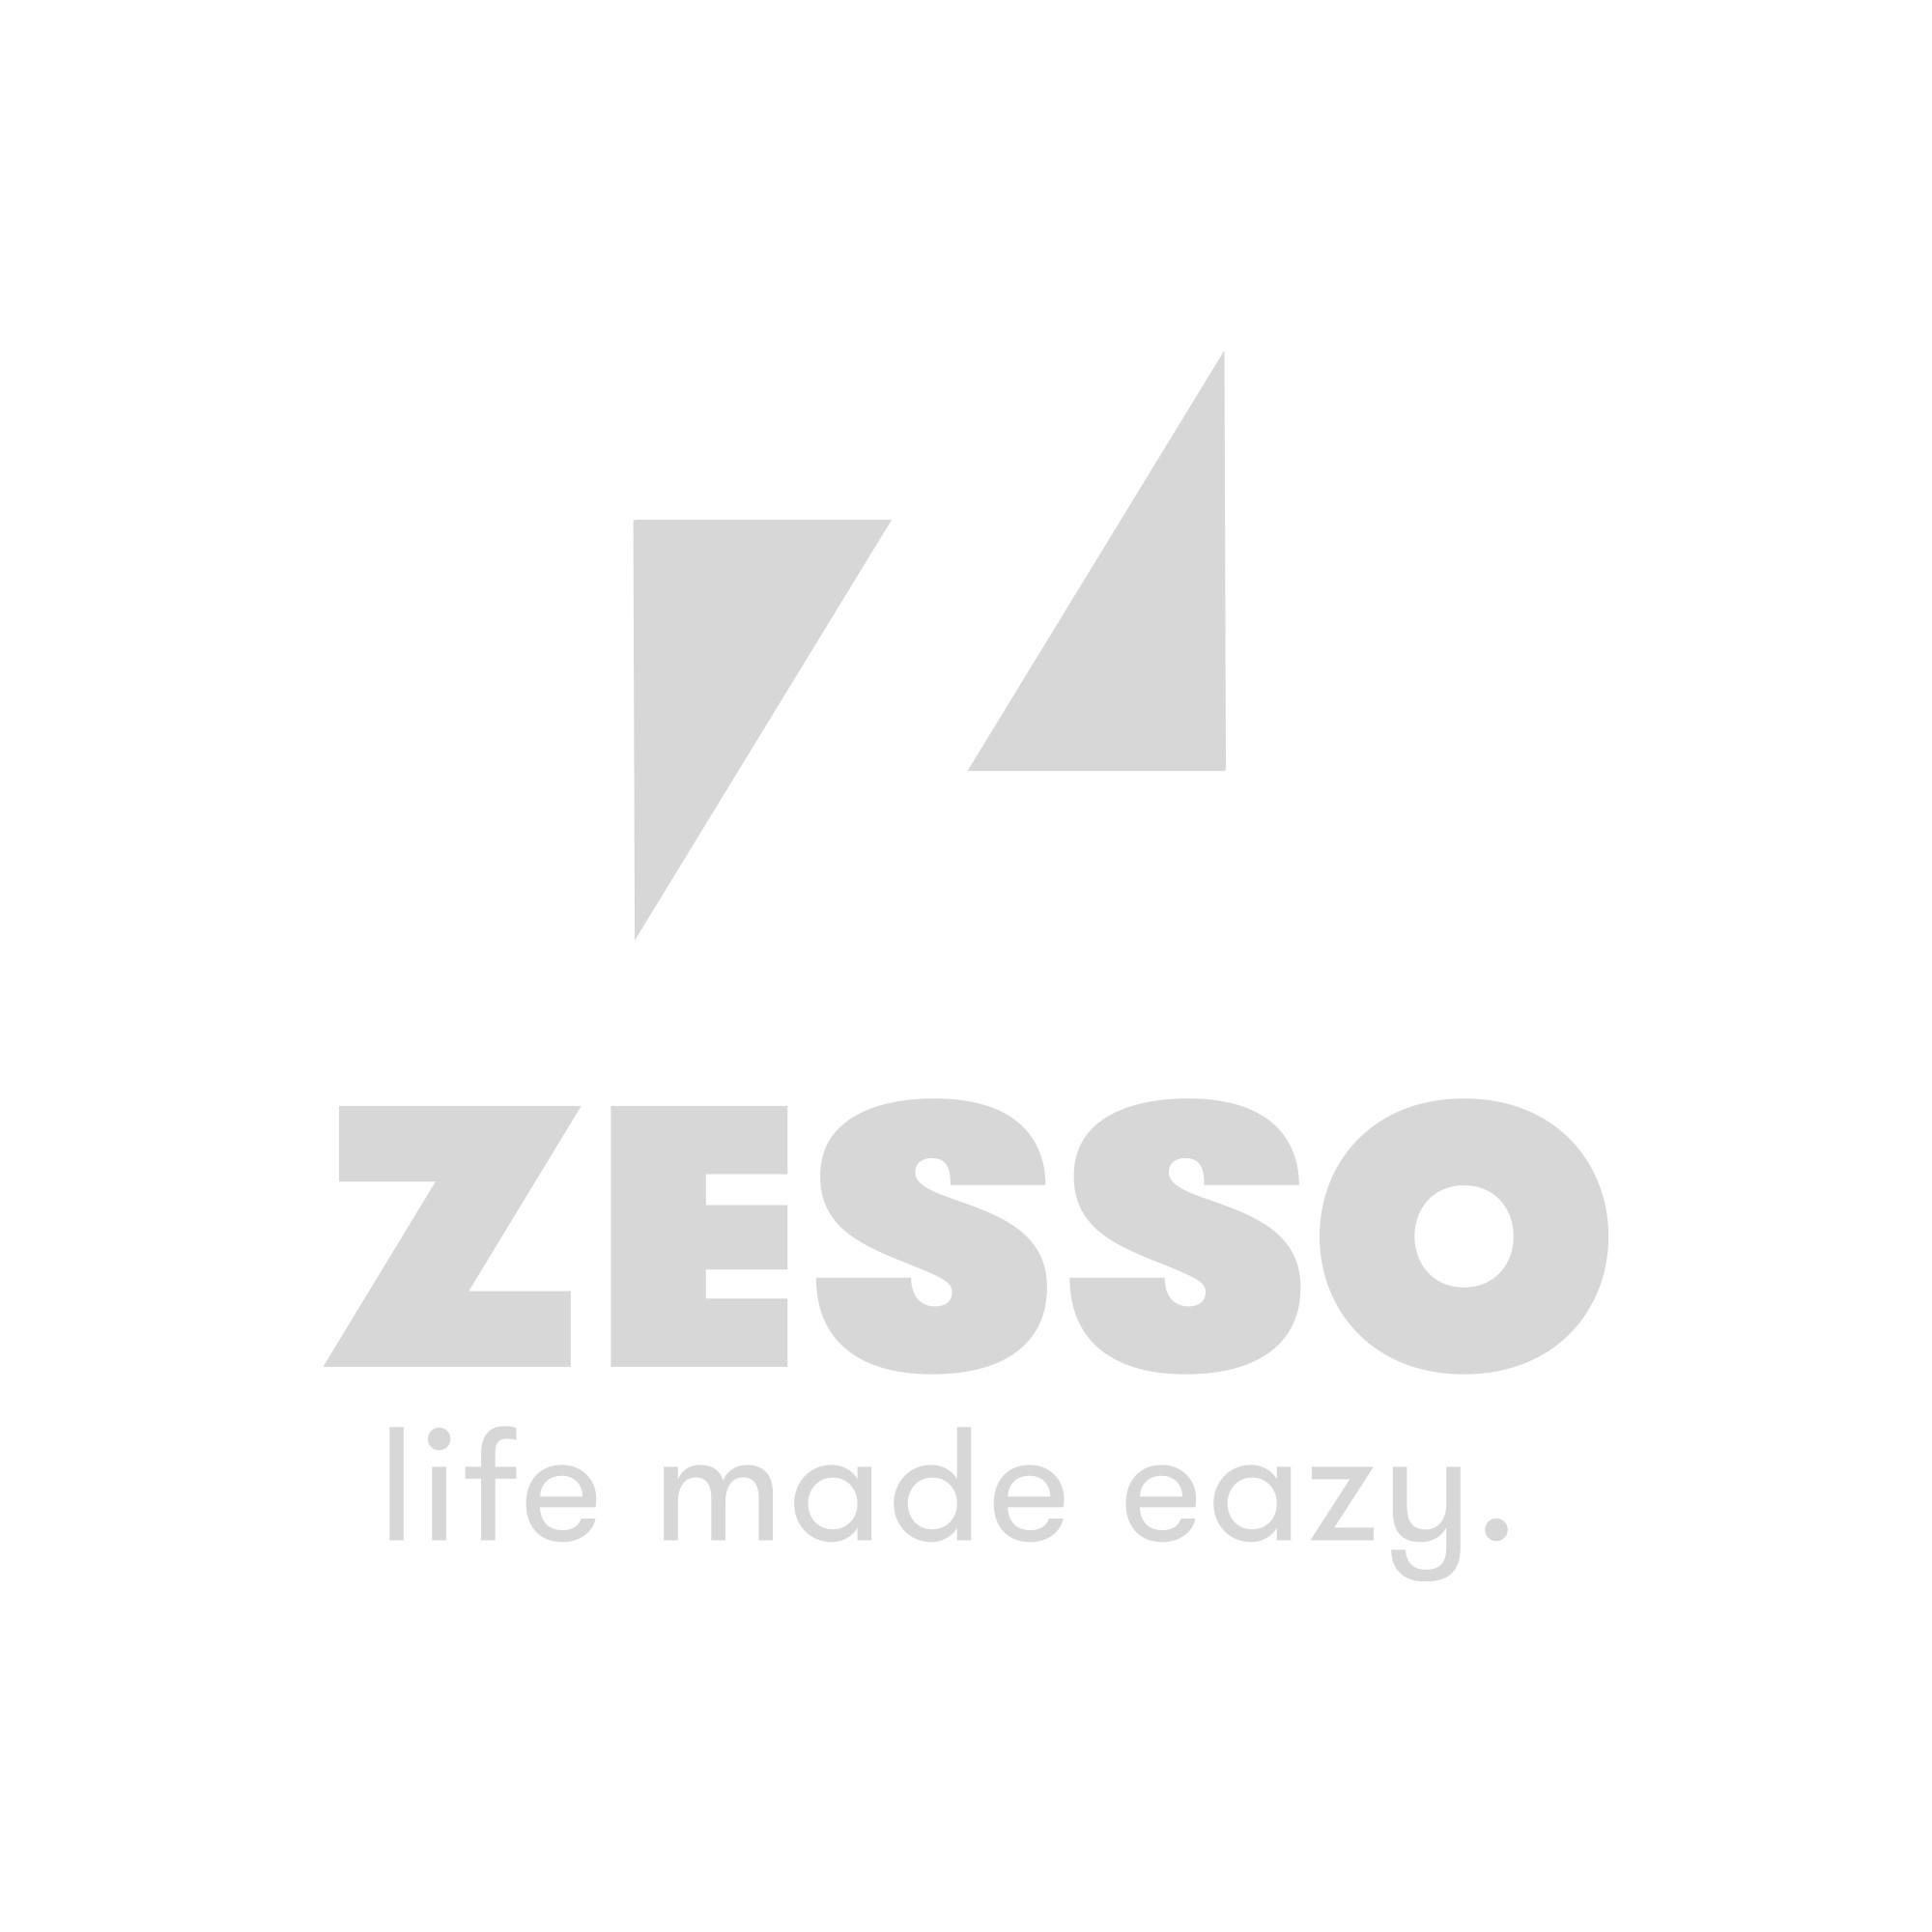 Jollein Voetenzak Comfortbag Fancy Knit Soft Grey - Groep 0+